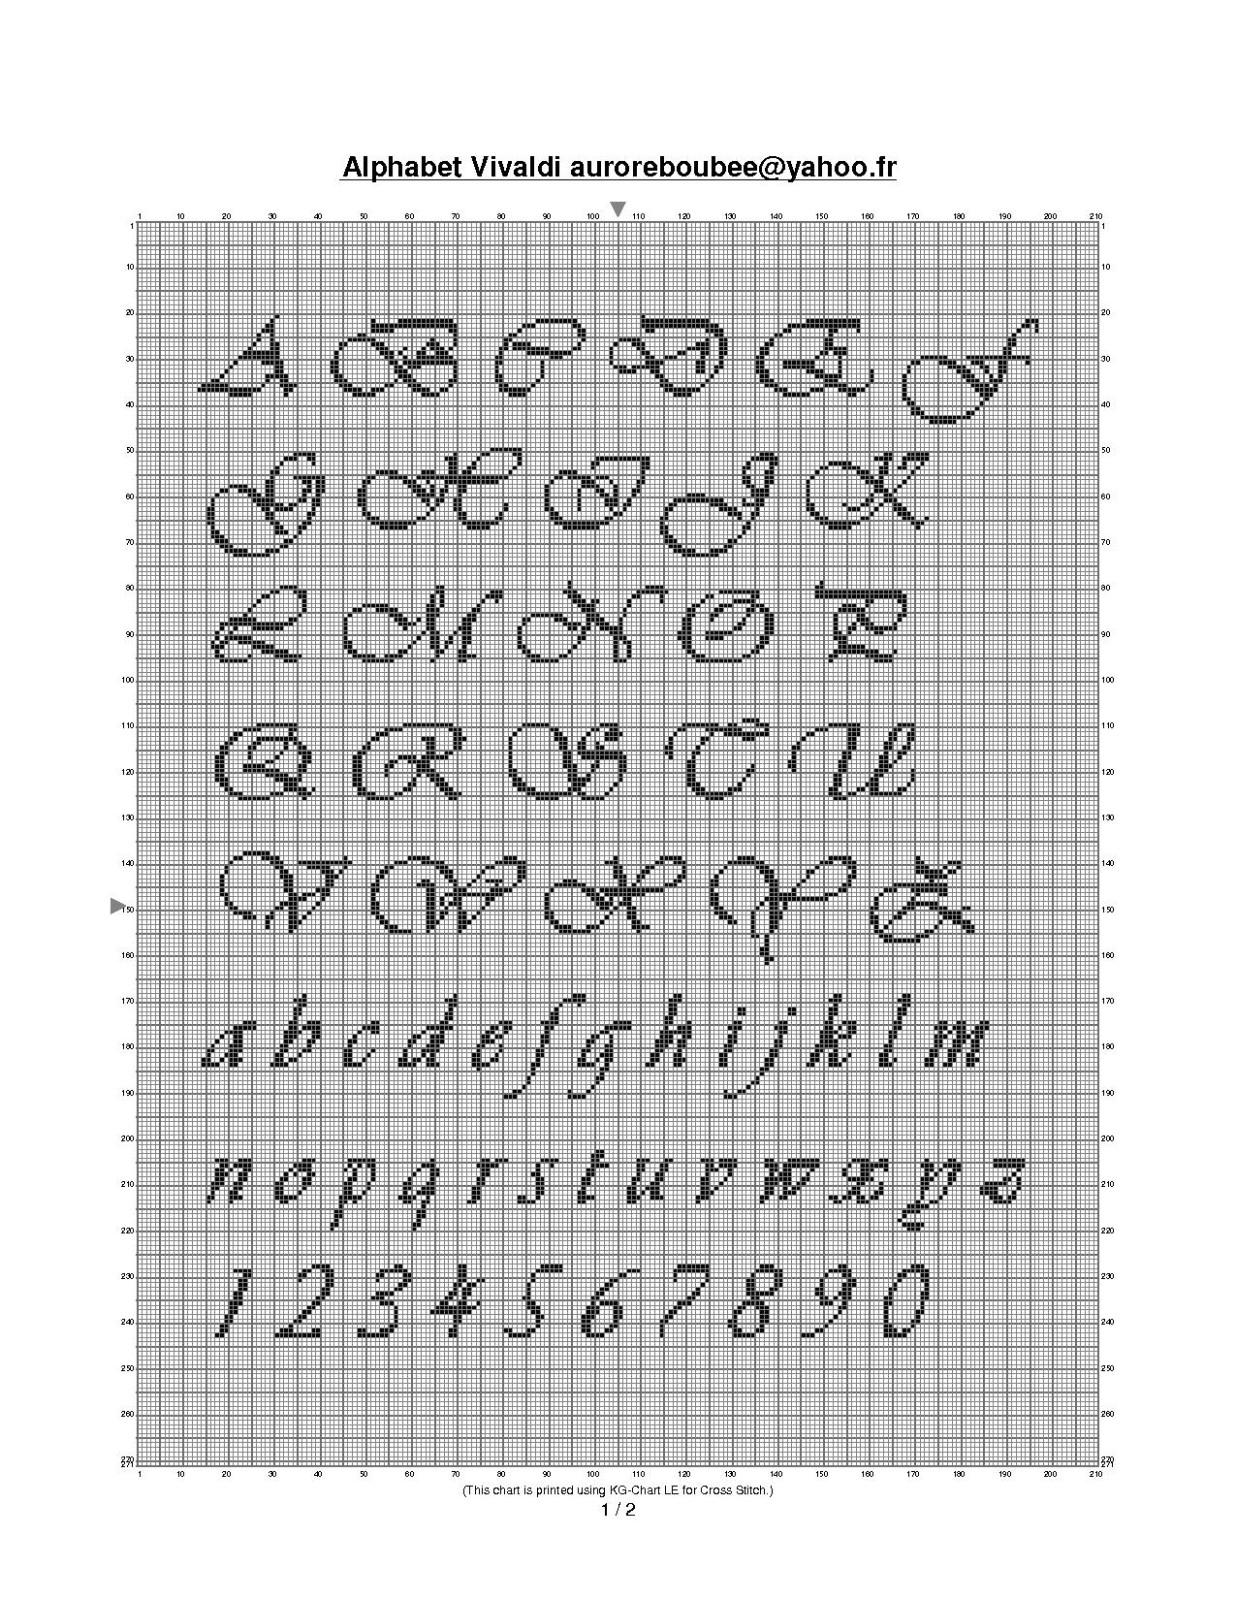 Modele de lettre broderie - Broderie traditionnelle grille gratuite ...